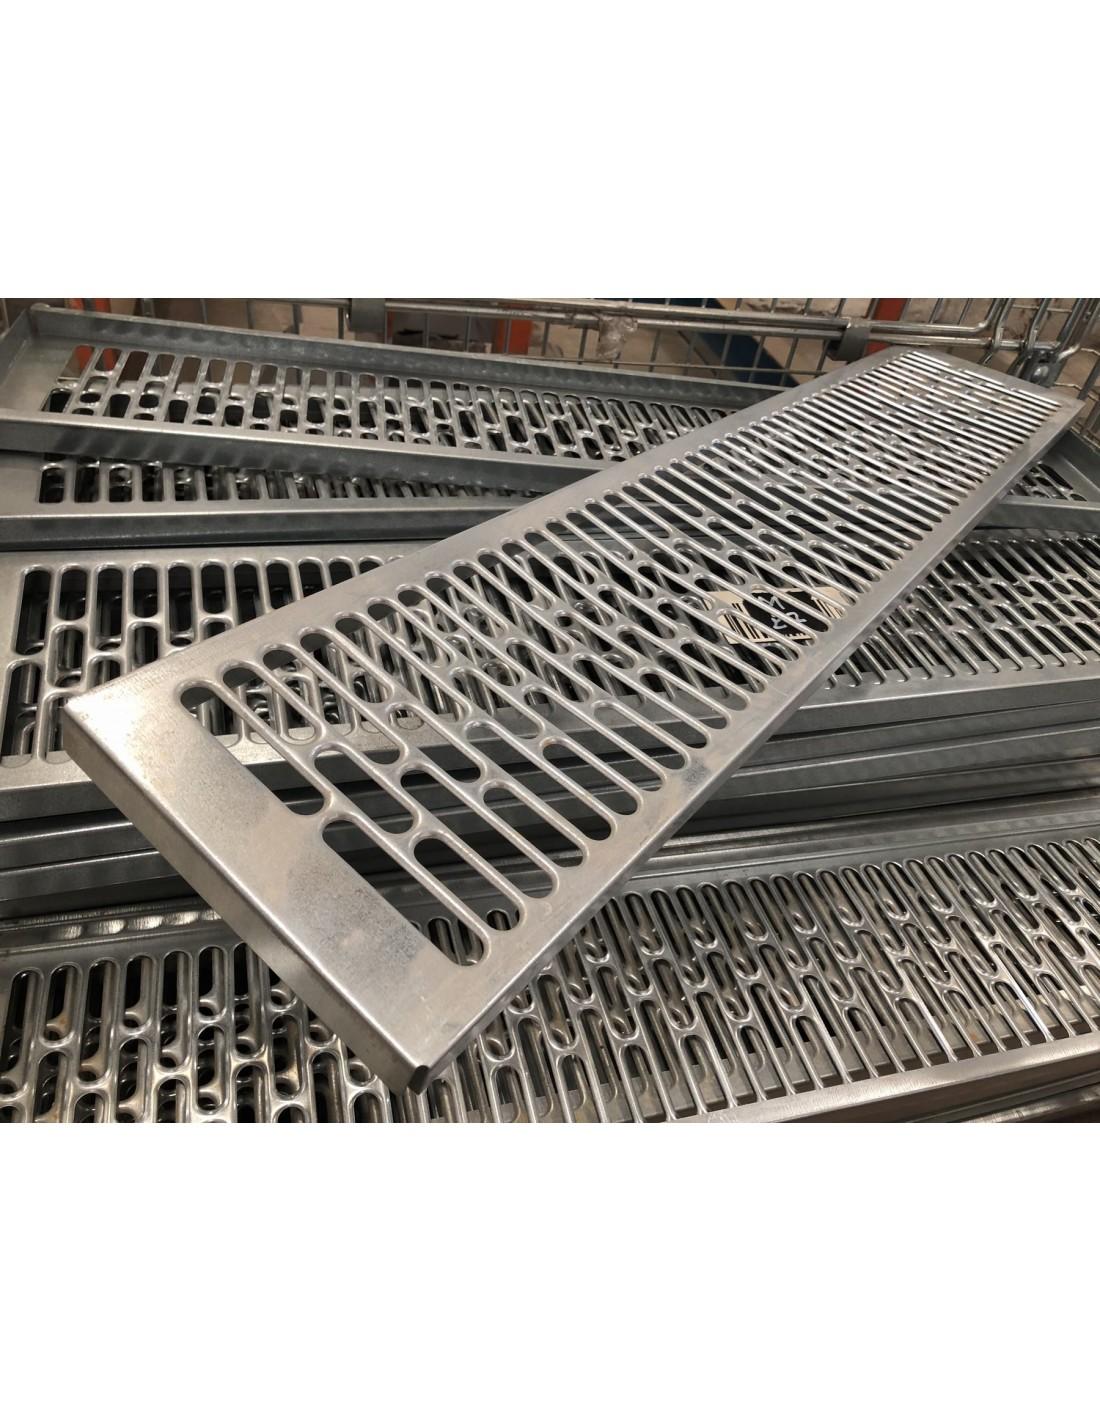 LARGUERO N CLE-96 DE 2438x80x30mm / Para Estanterias Metal